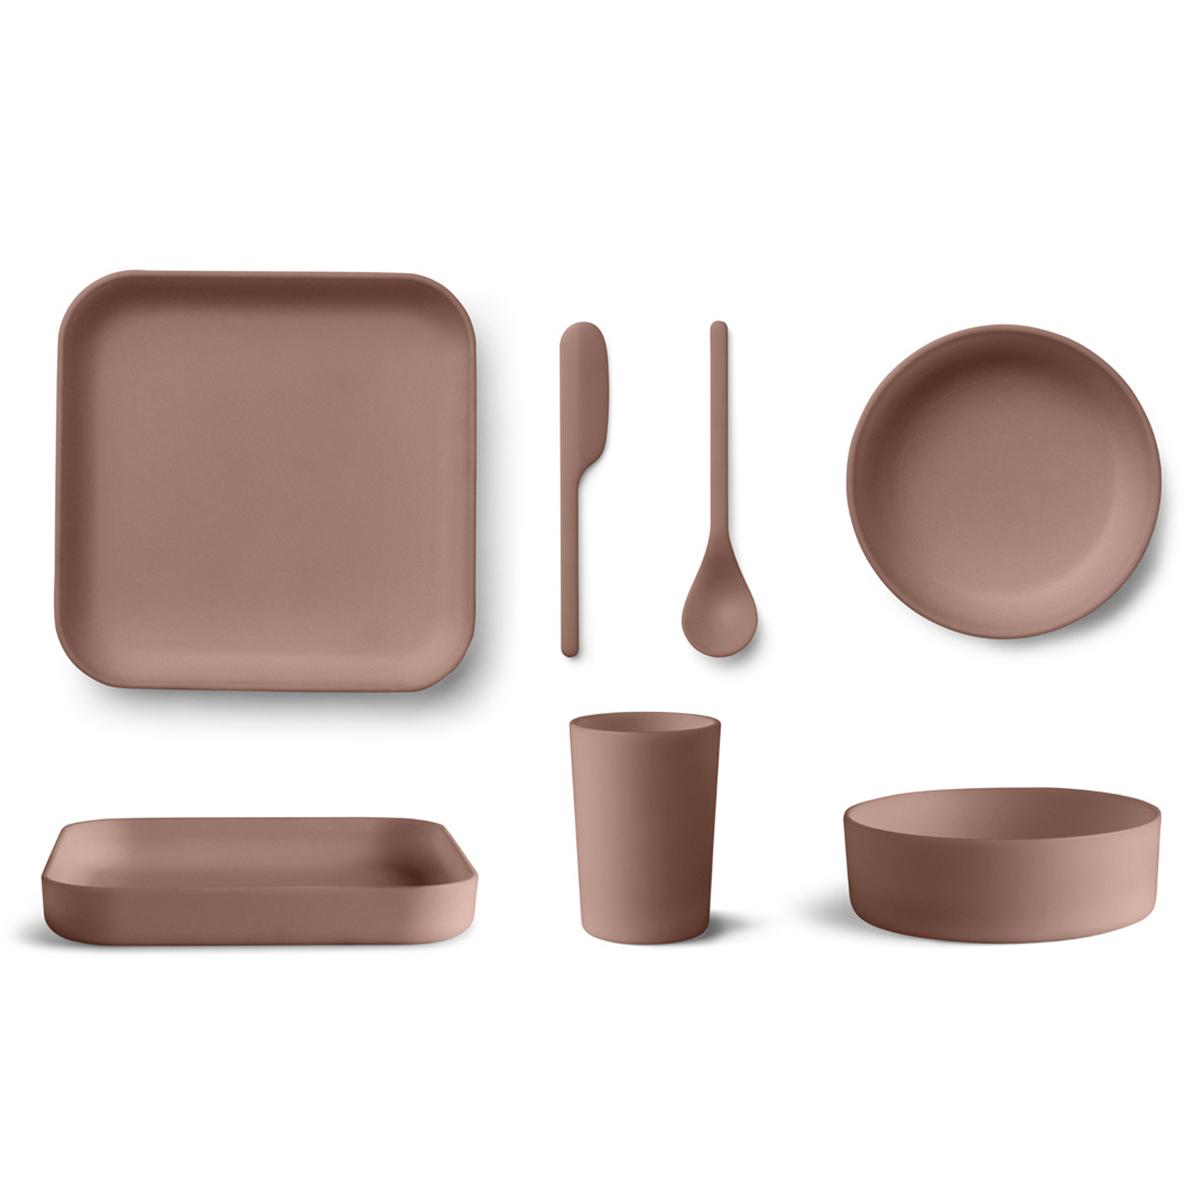 Coffret repas Coffret de Vaisselle 5 Pièces Bamboo Aiko - Dark Rose Coffret de Vaisselle 5 Pièces Bamboo Aiko - Dark Rose